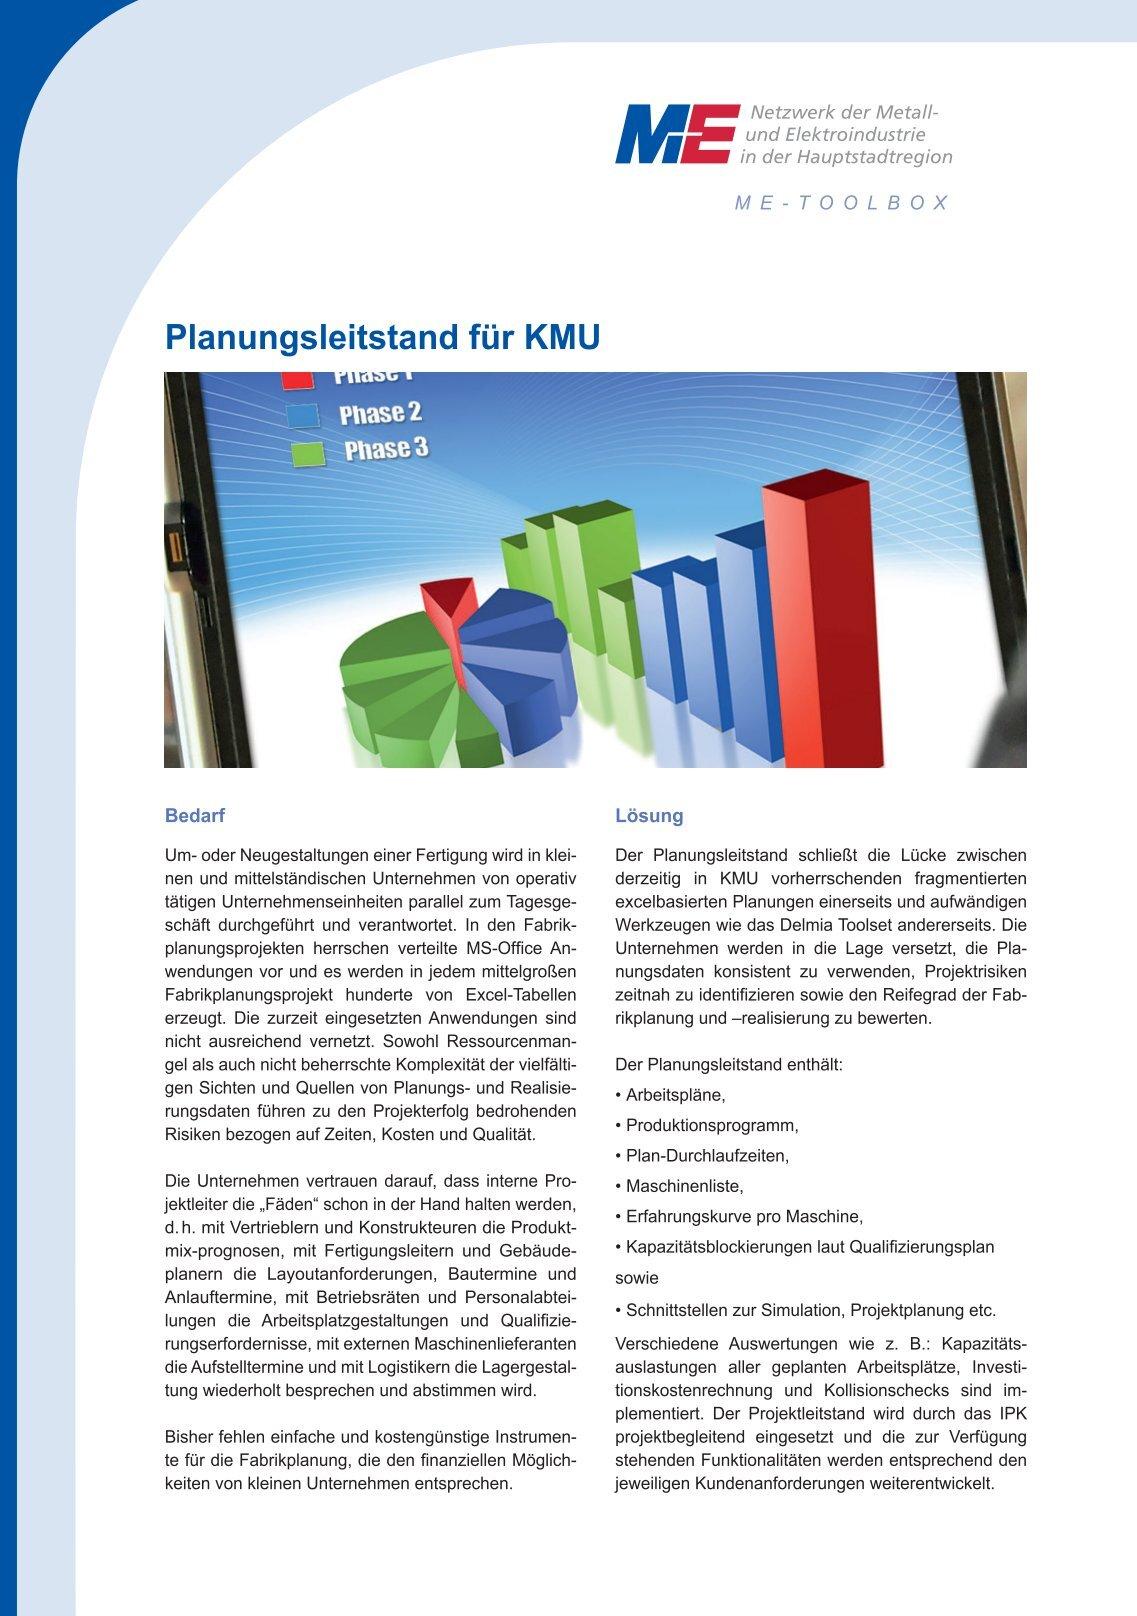 Gemütlich Netzwerk Schaltpläne Bilder - Der Schaltplan - greigo.com